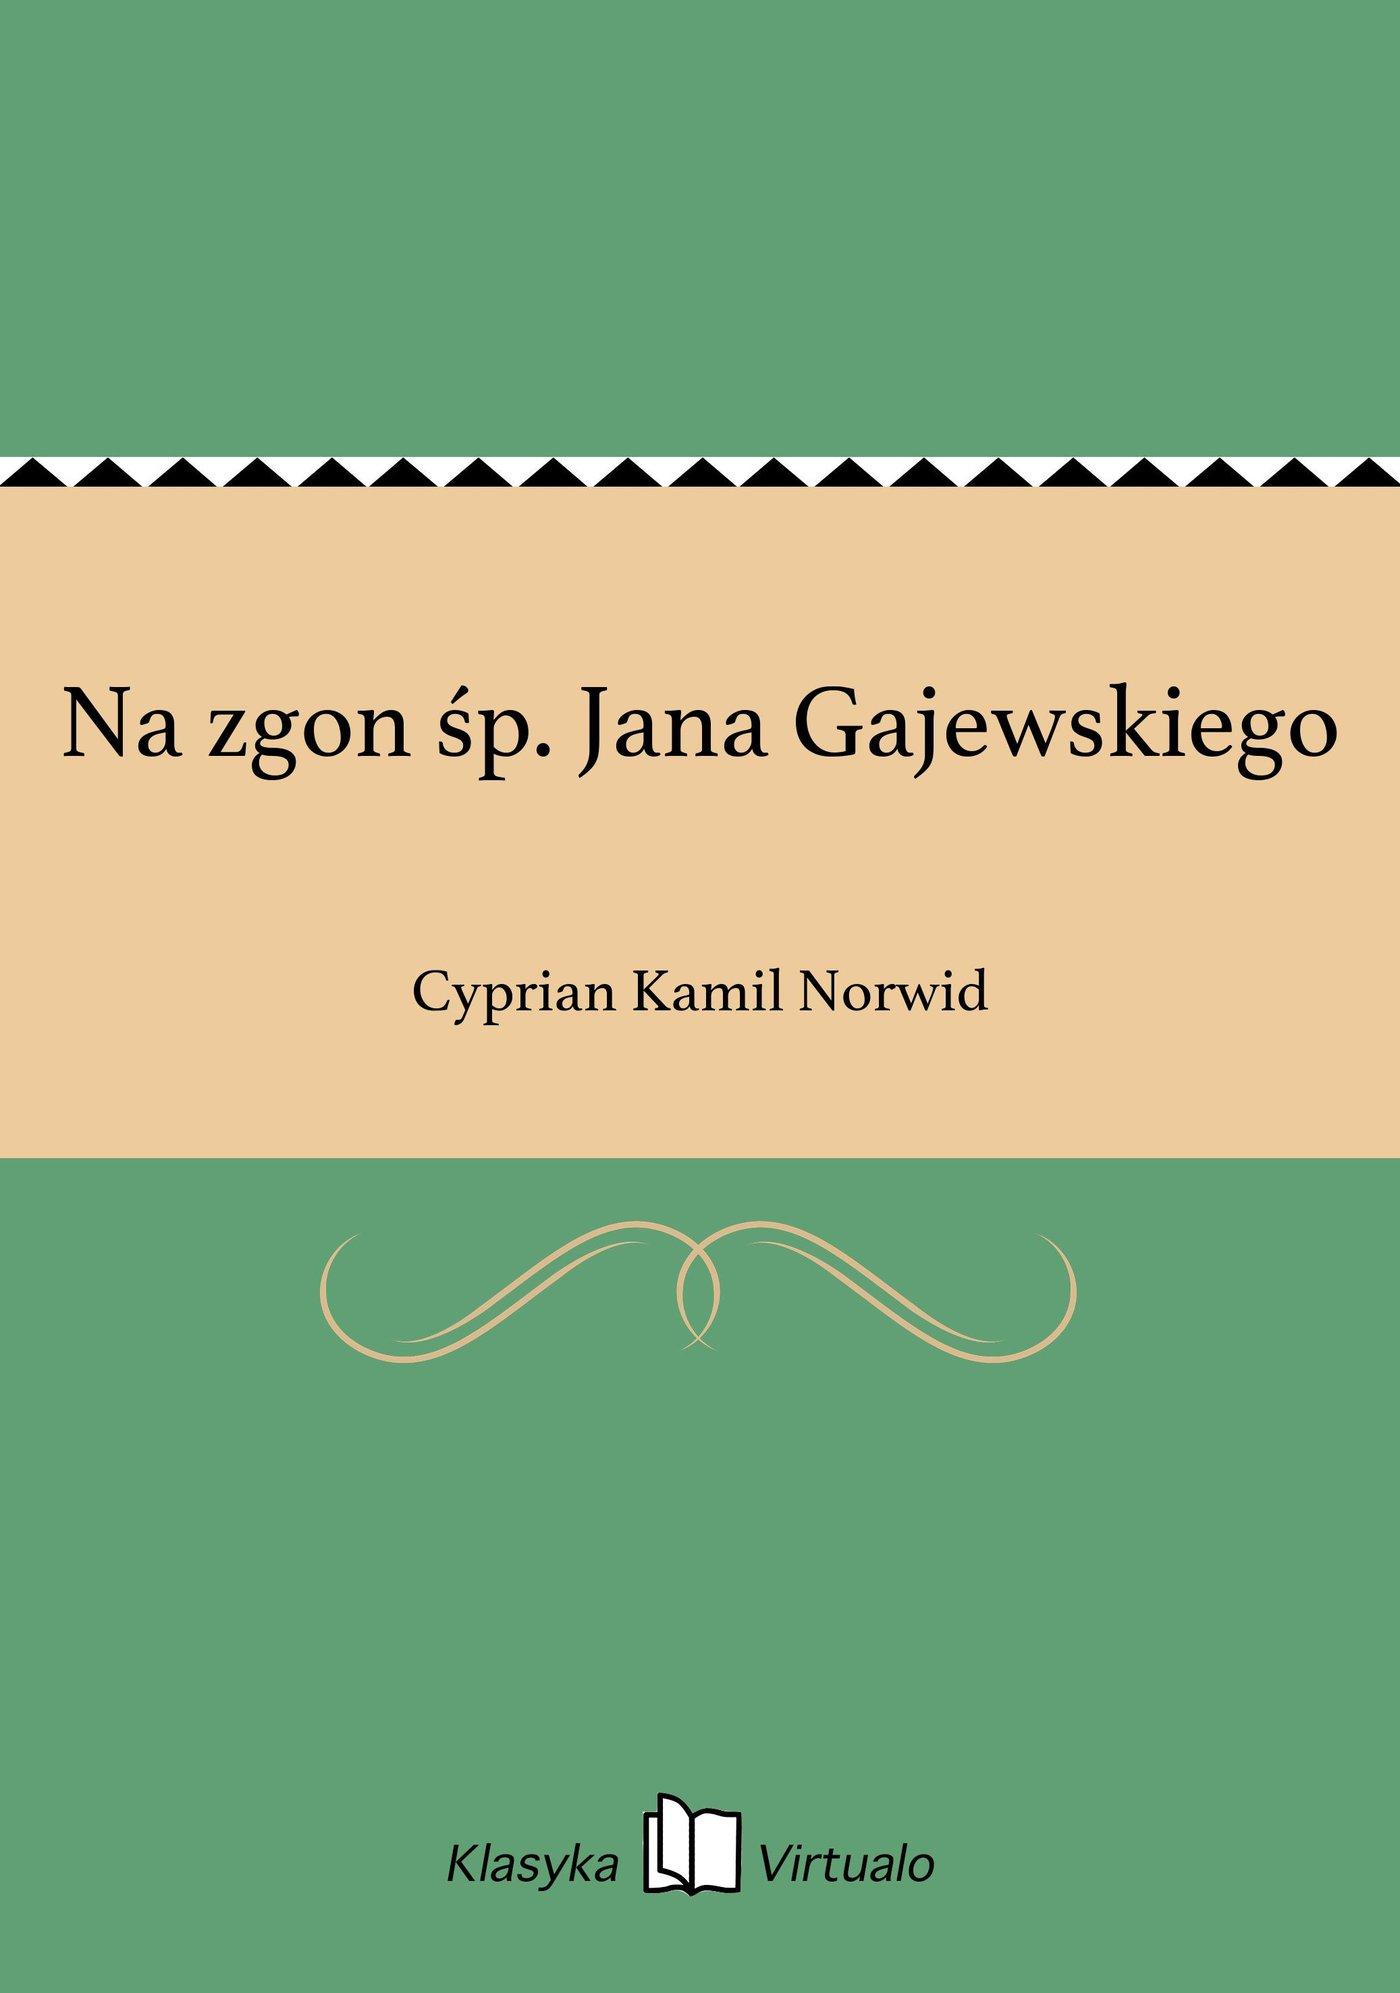 Na zgon śp. Jana Gajewskiego - Ebook (Książka EPUB) do pobrania w formacie EPUB